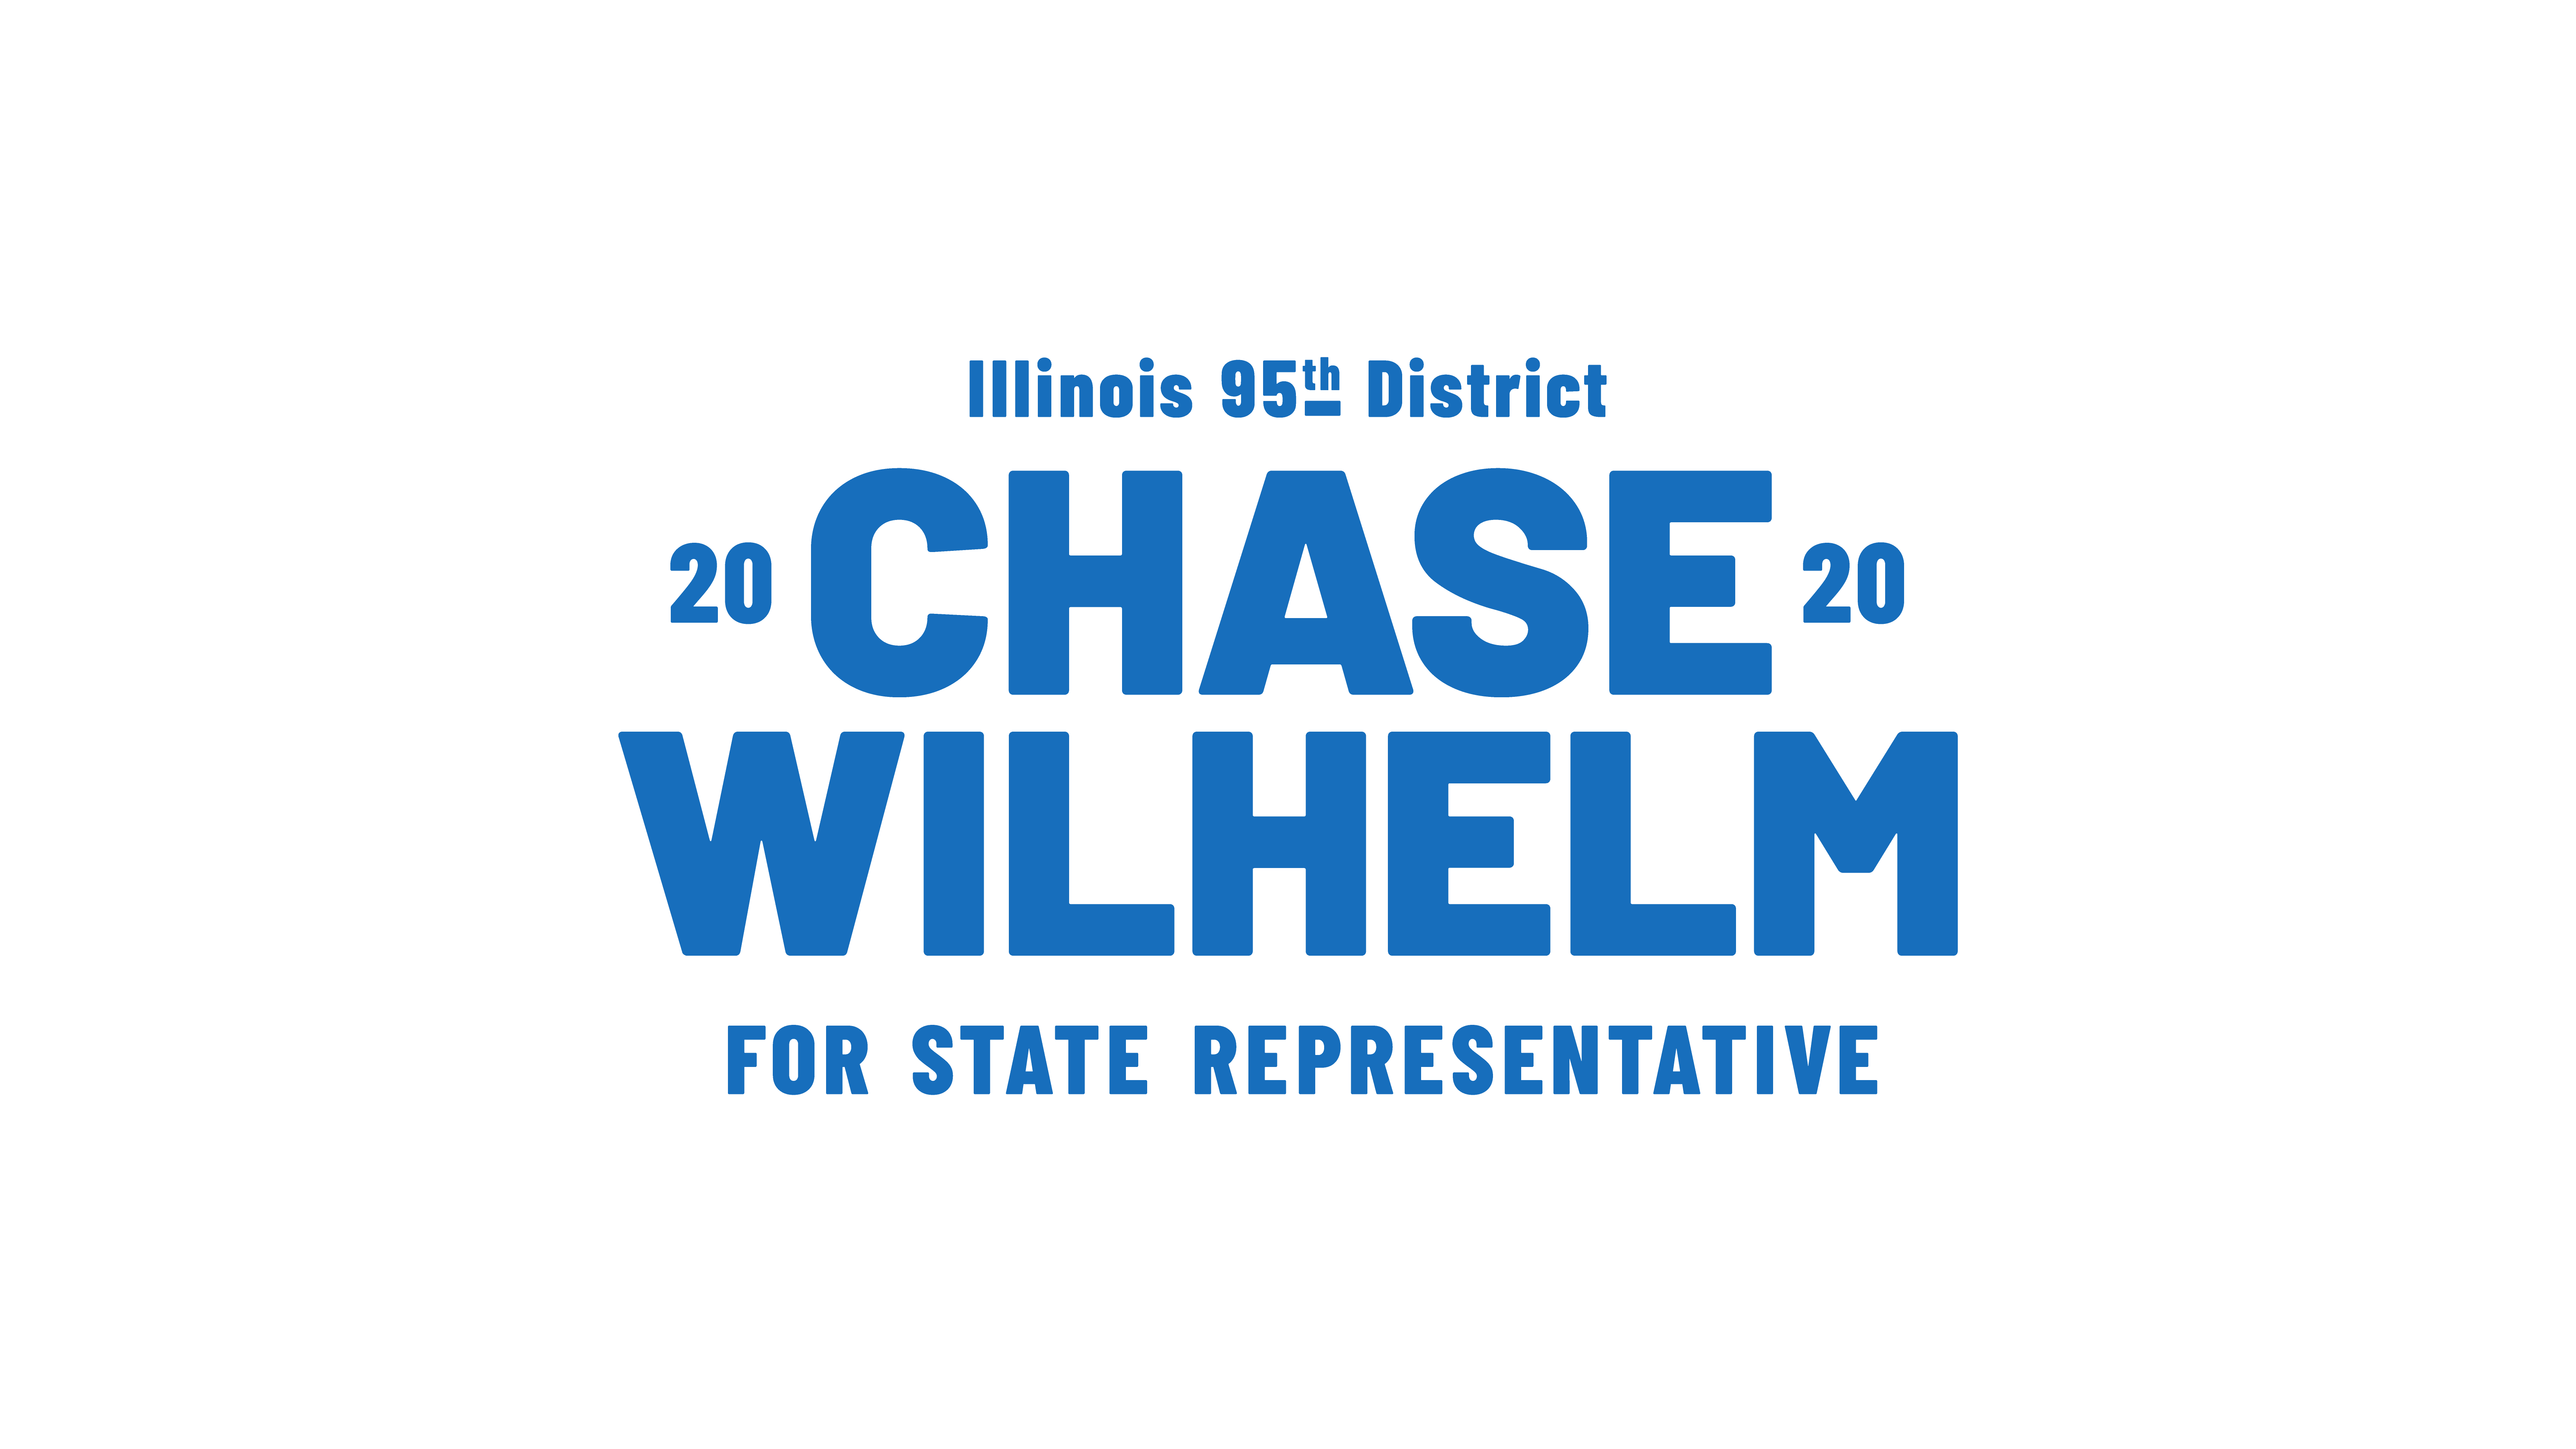 Chase Wilhelm